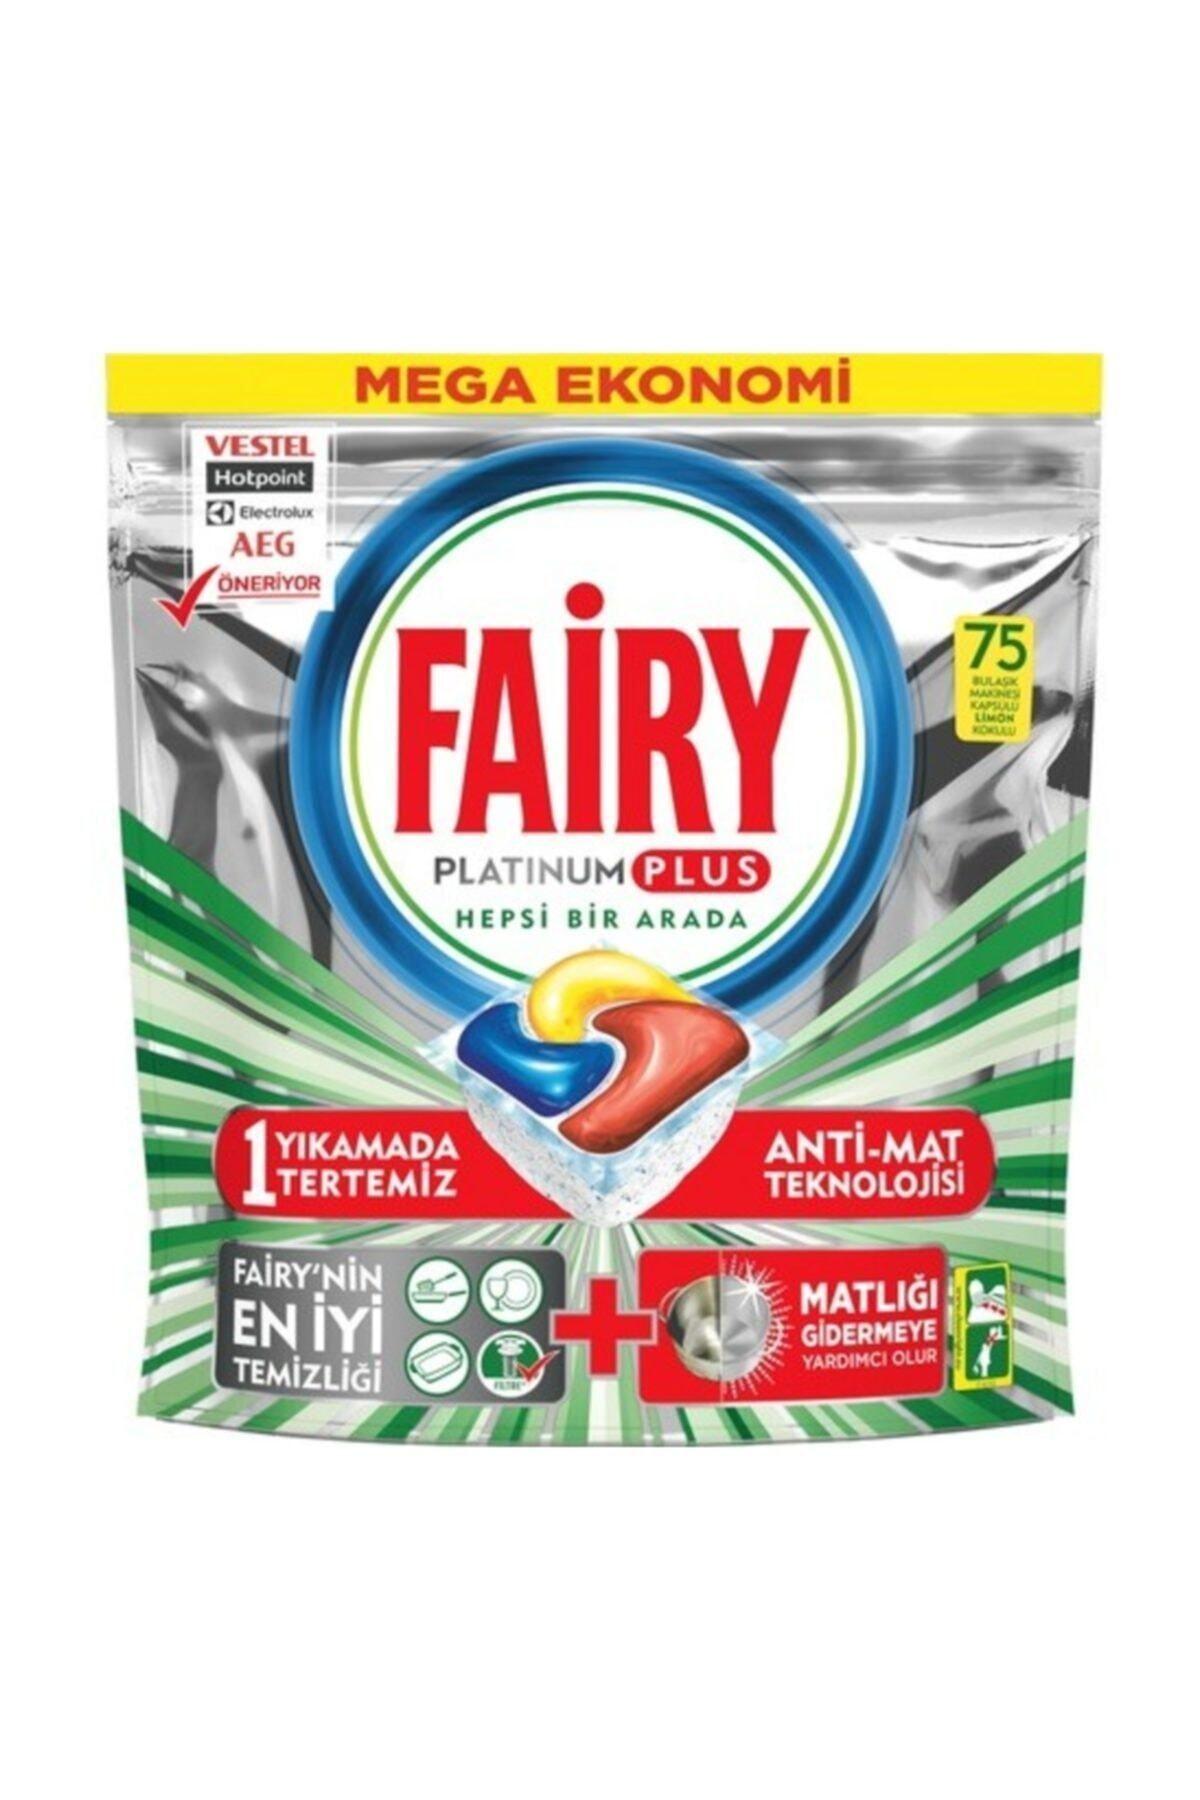 Fairy Platinum Plus Bulaşık Makinesi Deterjanı Kapsülü 75 Yıkama 1